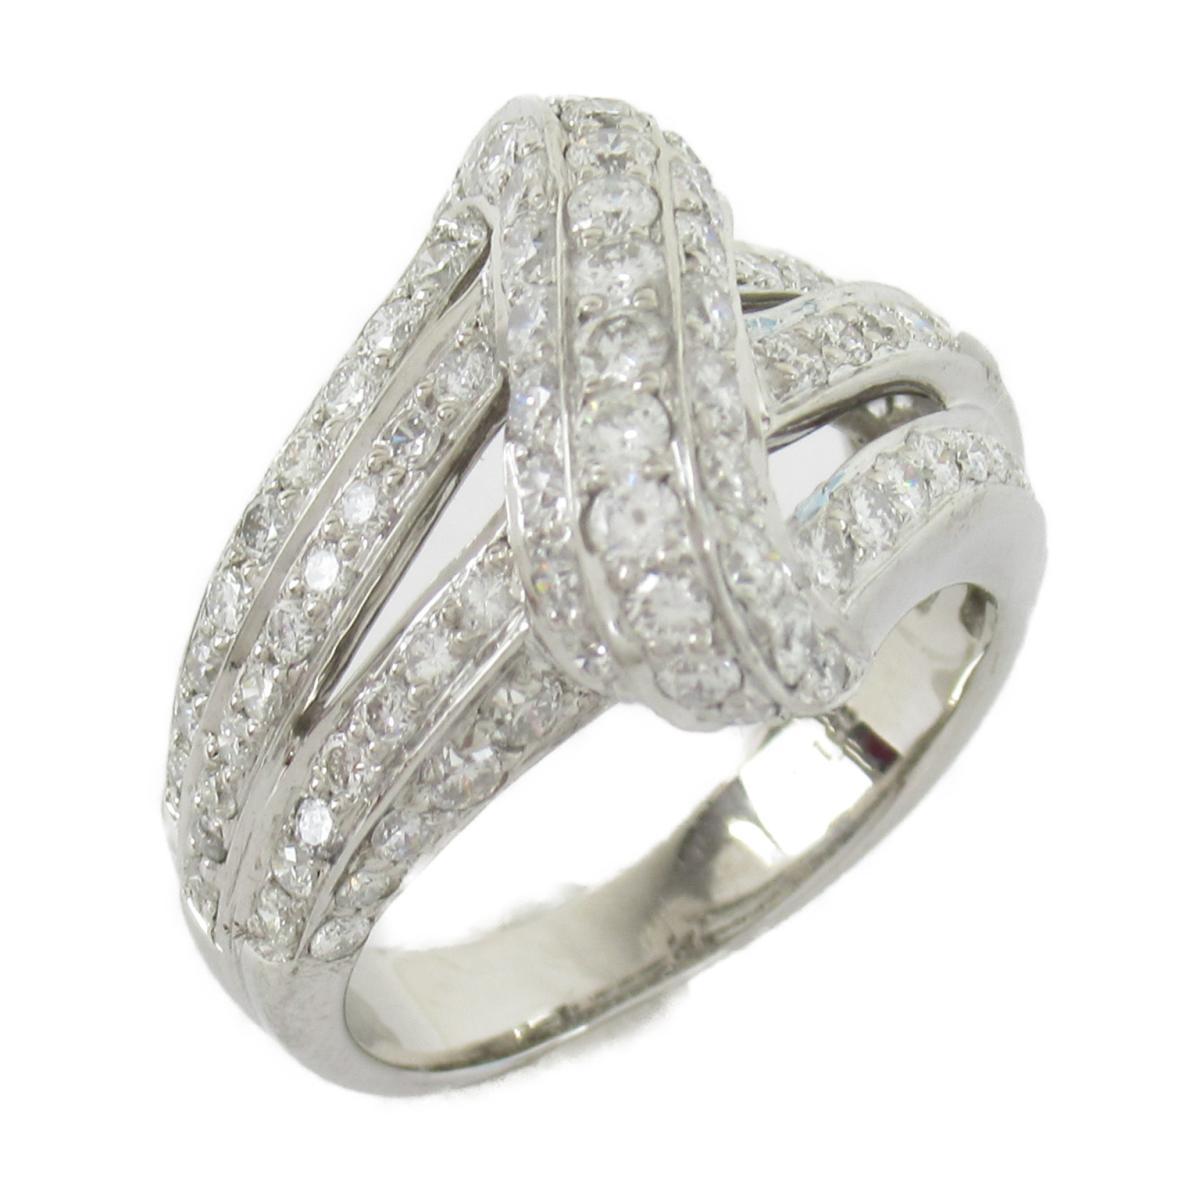 【中古】ジュエリー ダイヤモンド リング 指輪 ユニセックス PT900 プラチナxダイヤモンド(1.66ct)